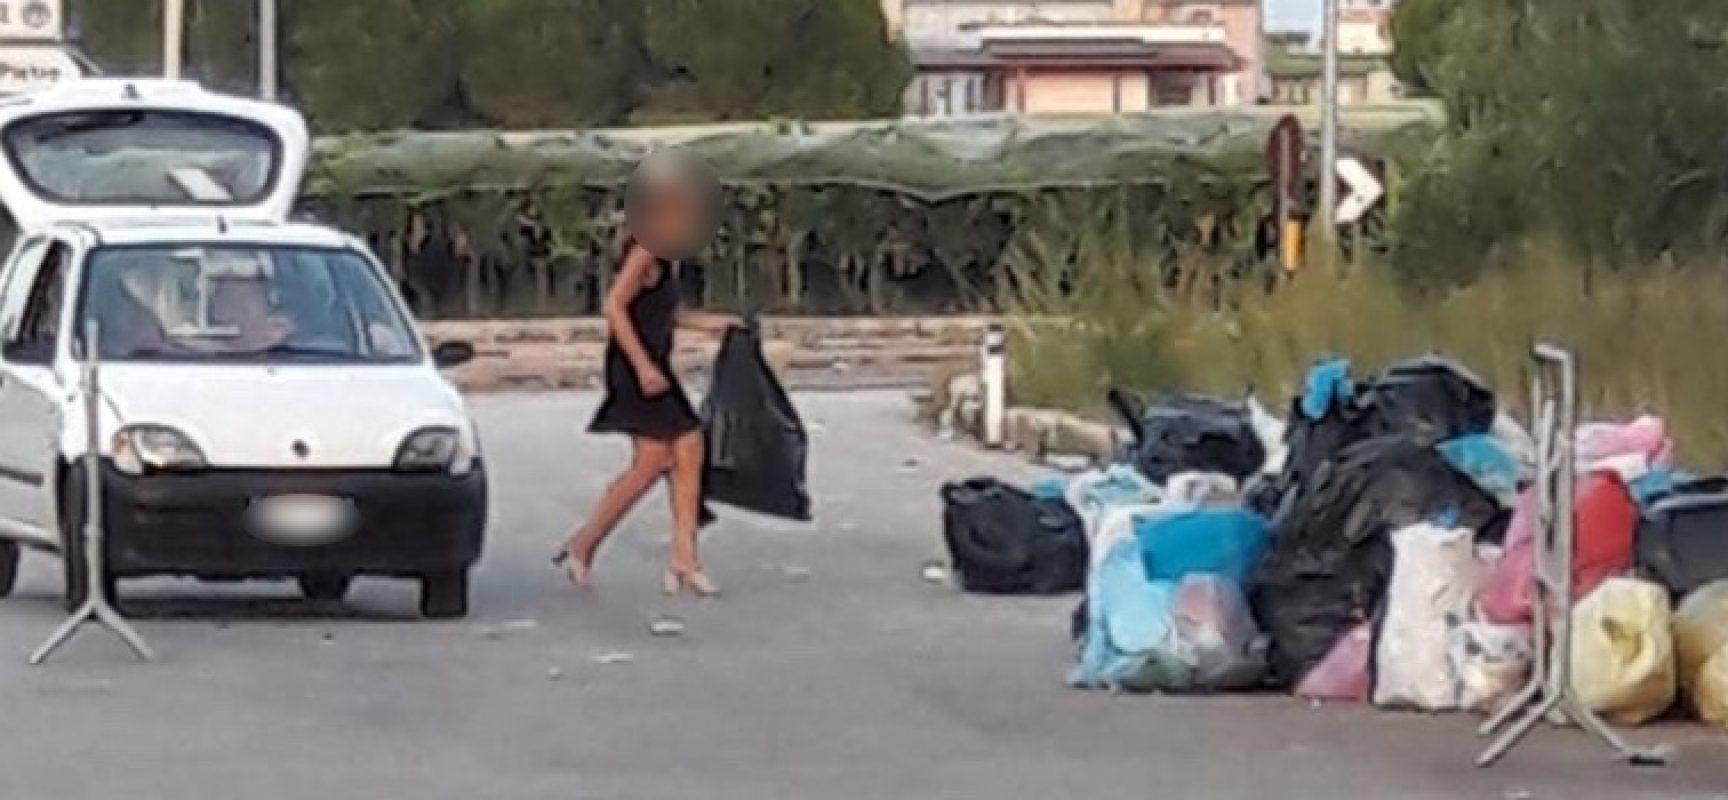 Aumentano a Bisceglie i controlli contro l'abbandono illegale dei rifiuti